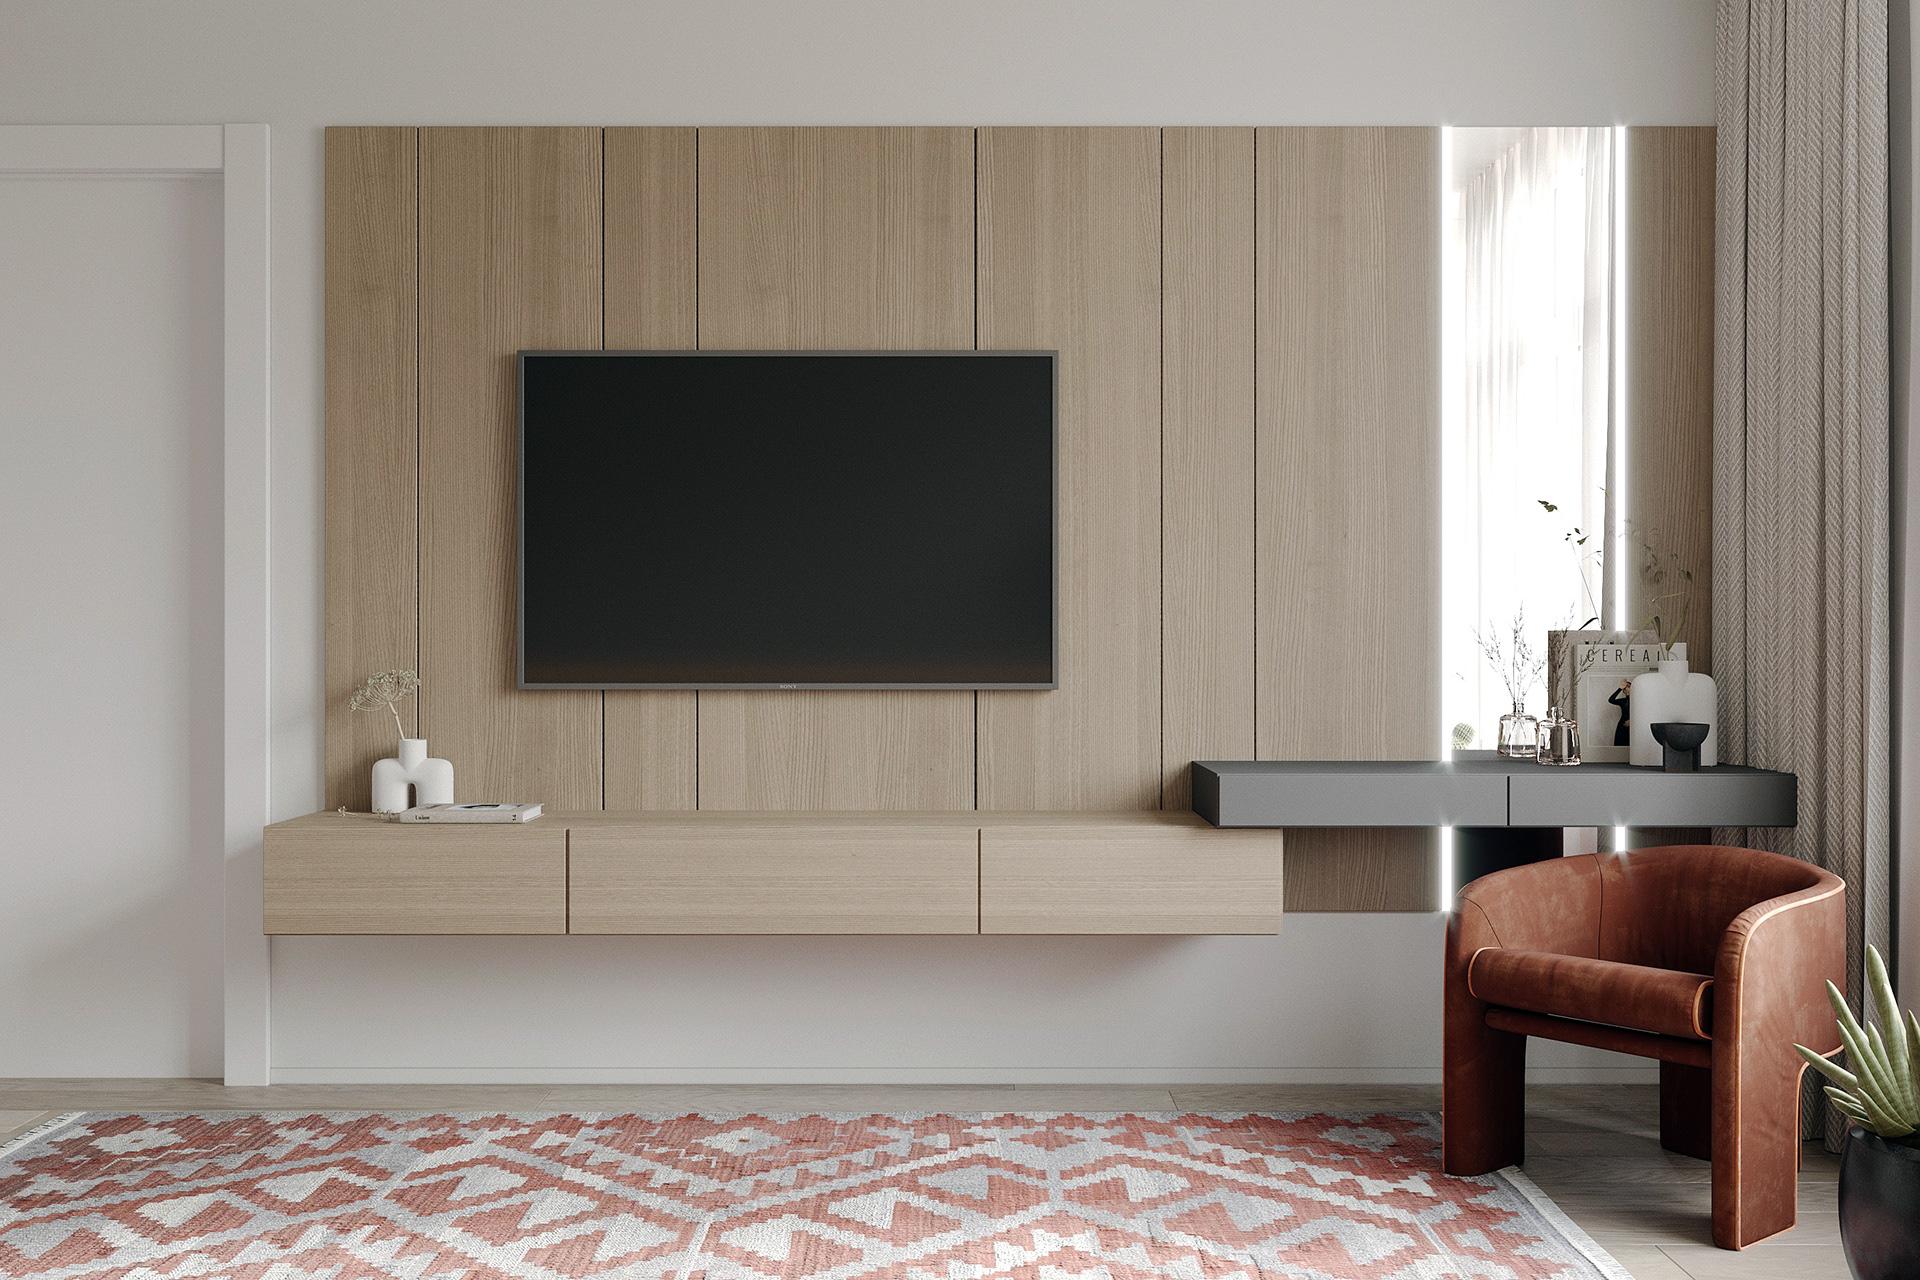 Kiến trúc sư tư vấn thiết kế căn hộ 76m² 2 phòng ngủ với chi phí tiết kiệm chỉ 189 triệu - Ảnh 7.